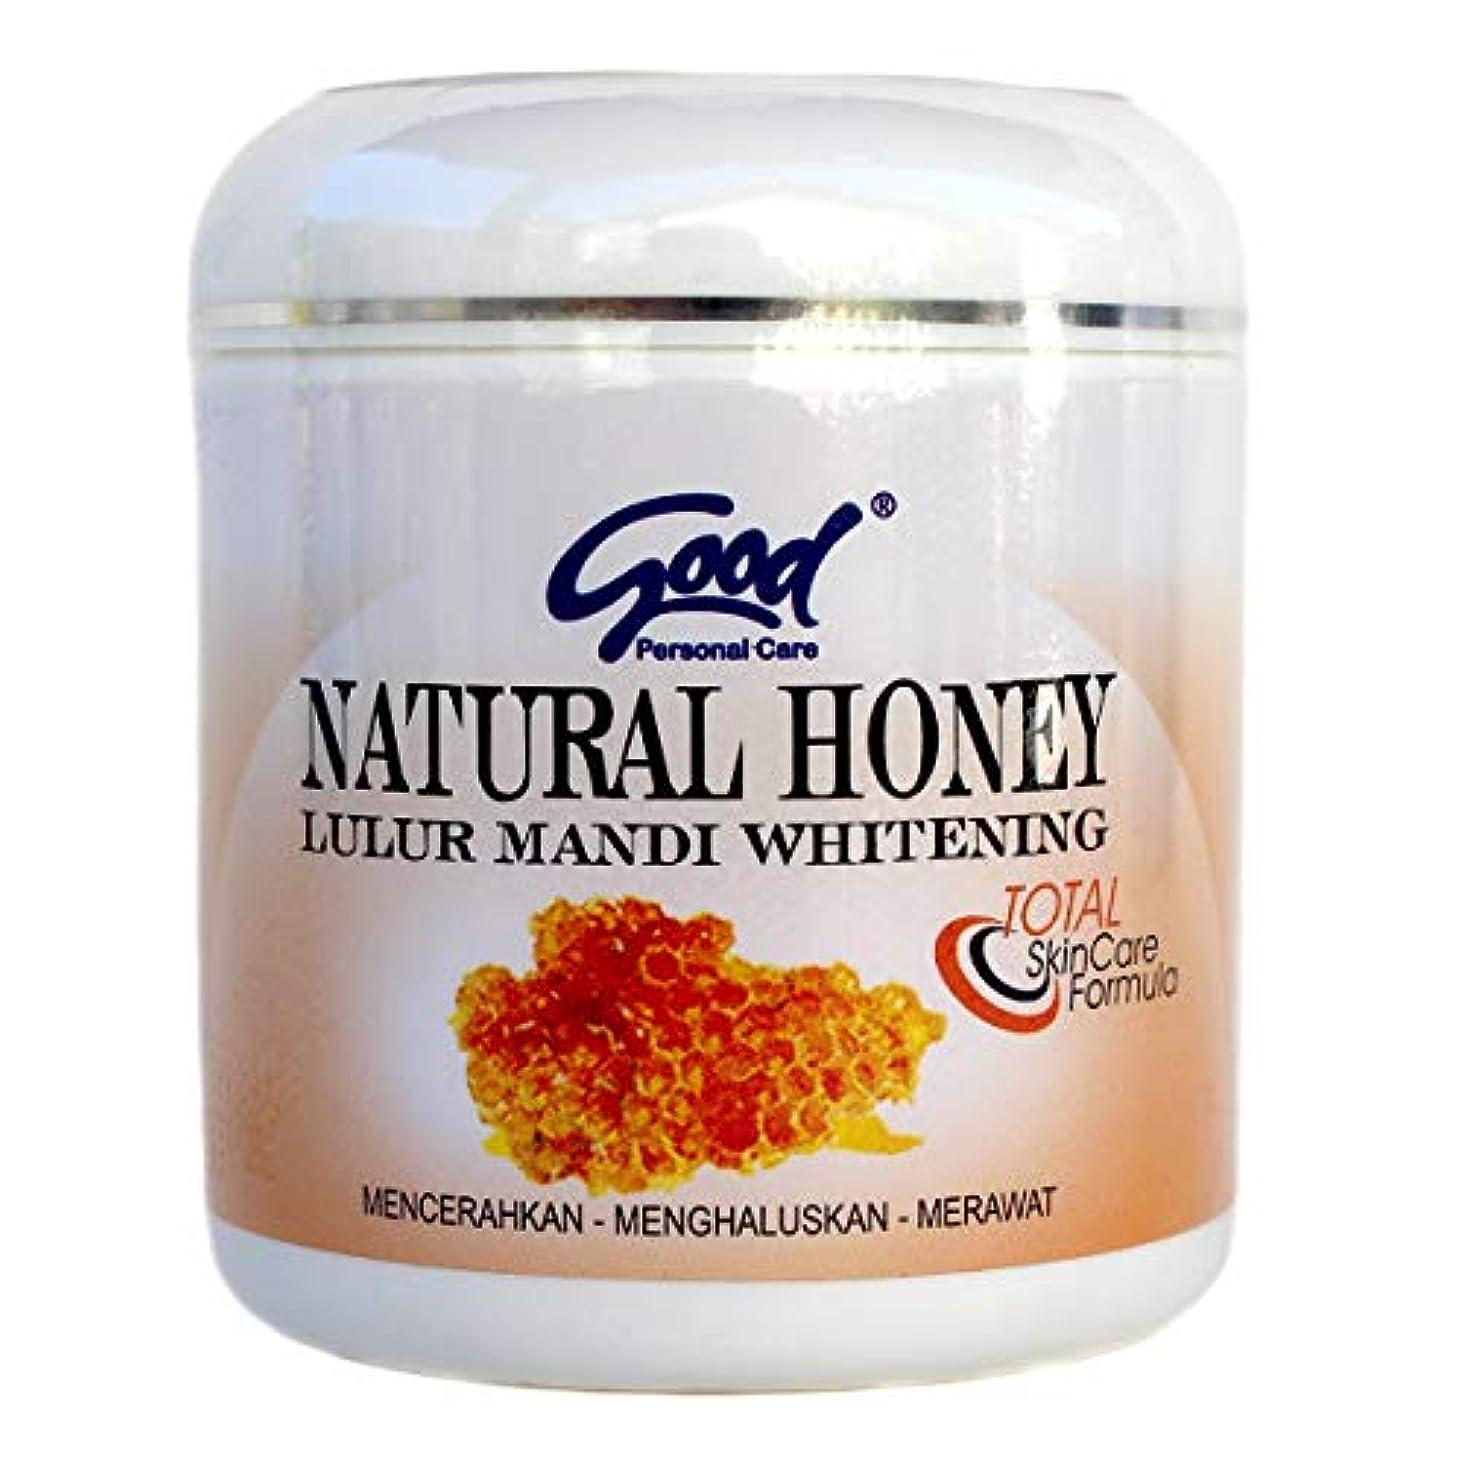 北米問い合わせる後世good グッド インドネシアバリ島の伝統的なボディスクラブ Lulur Mandi マンディルルール 200g Natural Honey ナチュラルハニー [海外直送品]